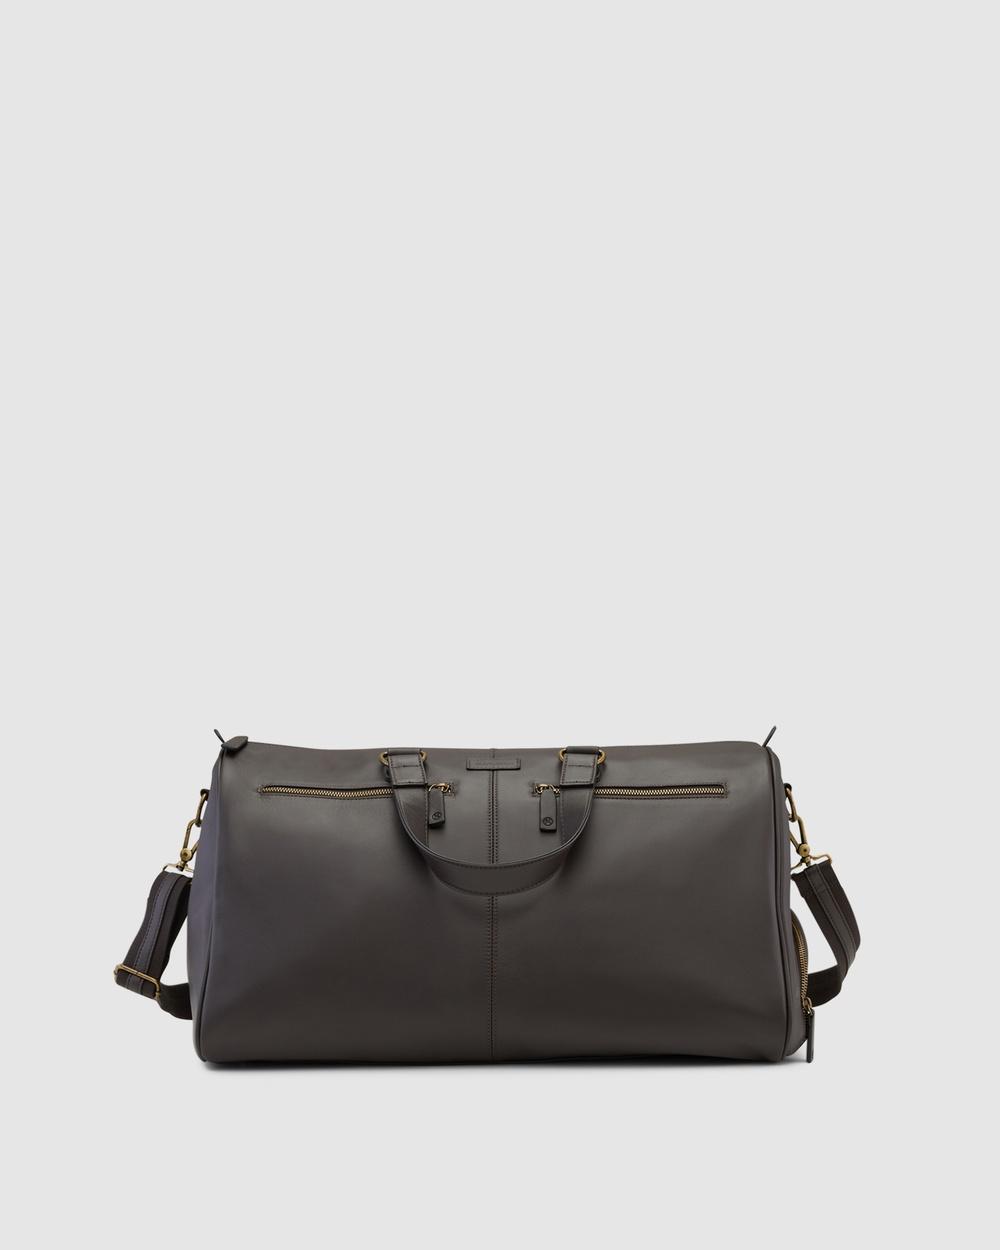 Kinnon Oxley Overnight Bag Bags Chocolate